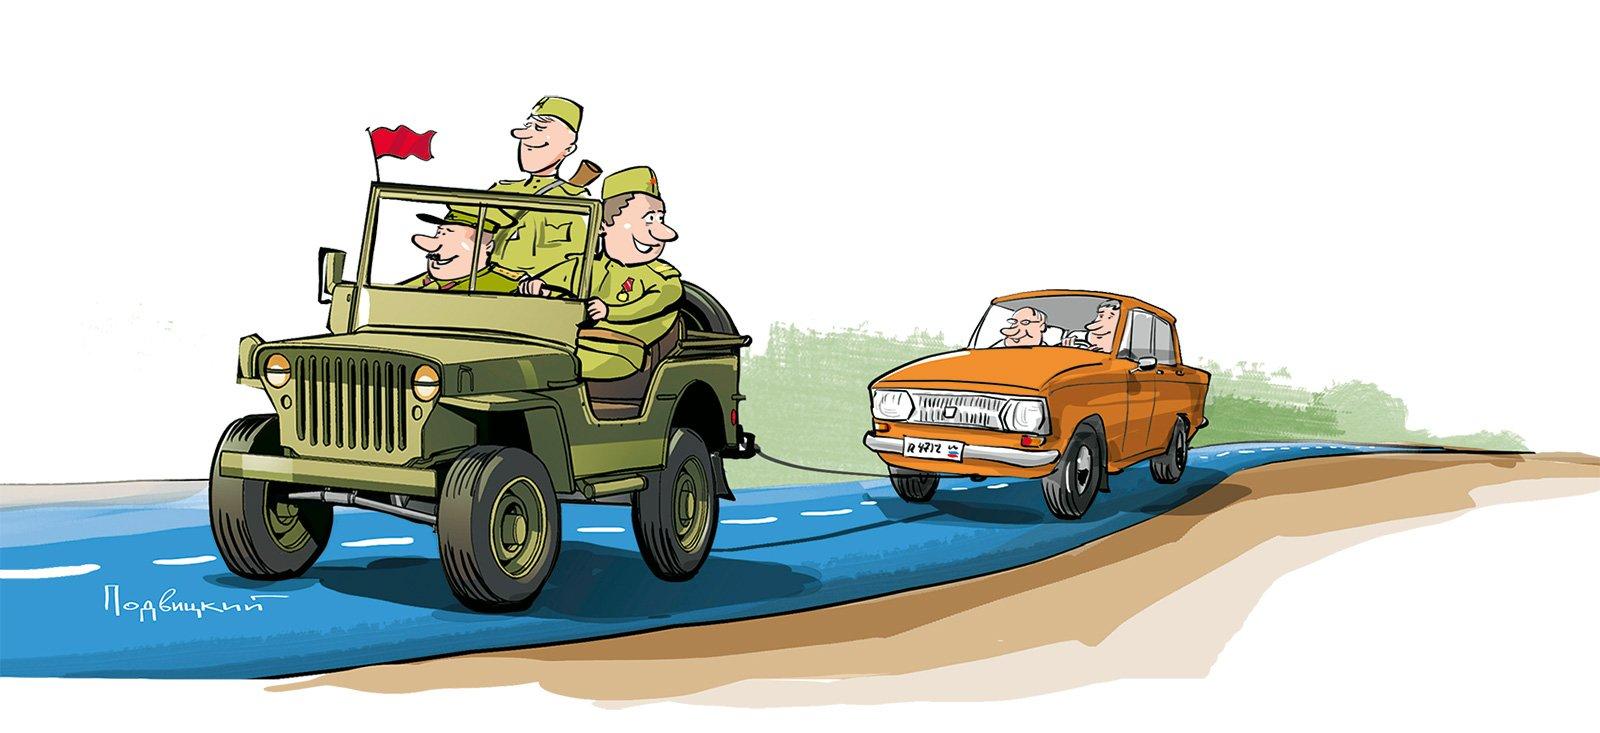 Волшебная сила ППШ, или как «красноармейцы» помогли починить «Москвич» на 9 мая